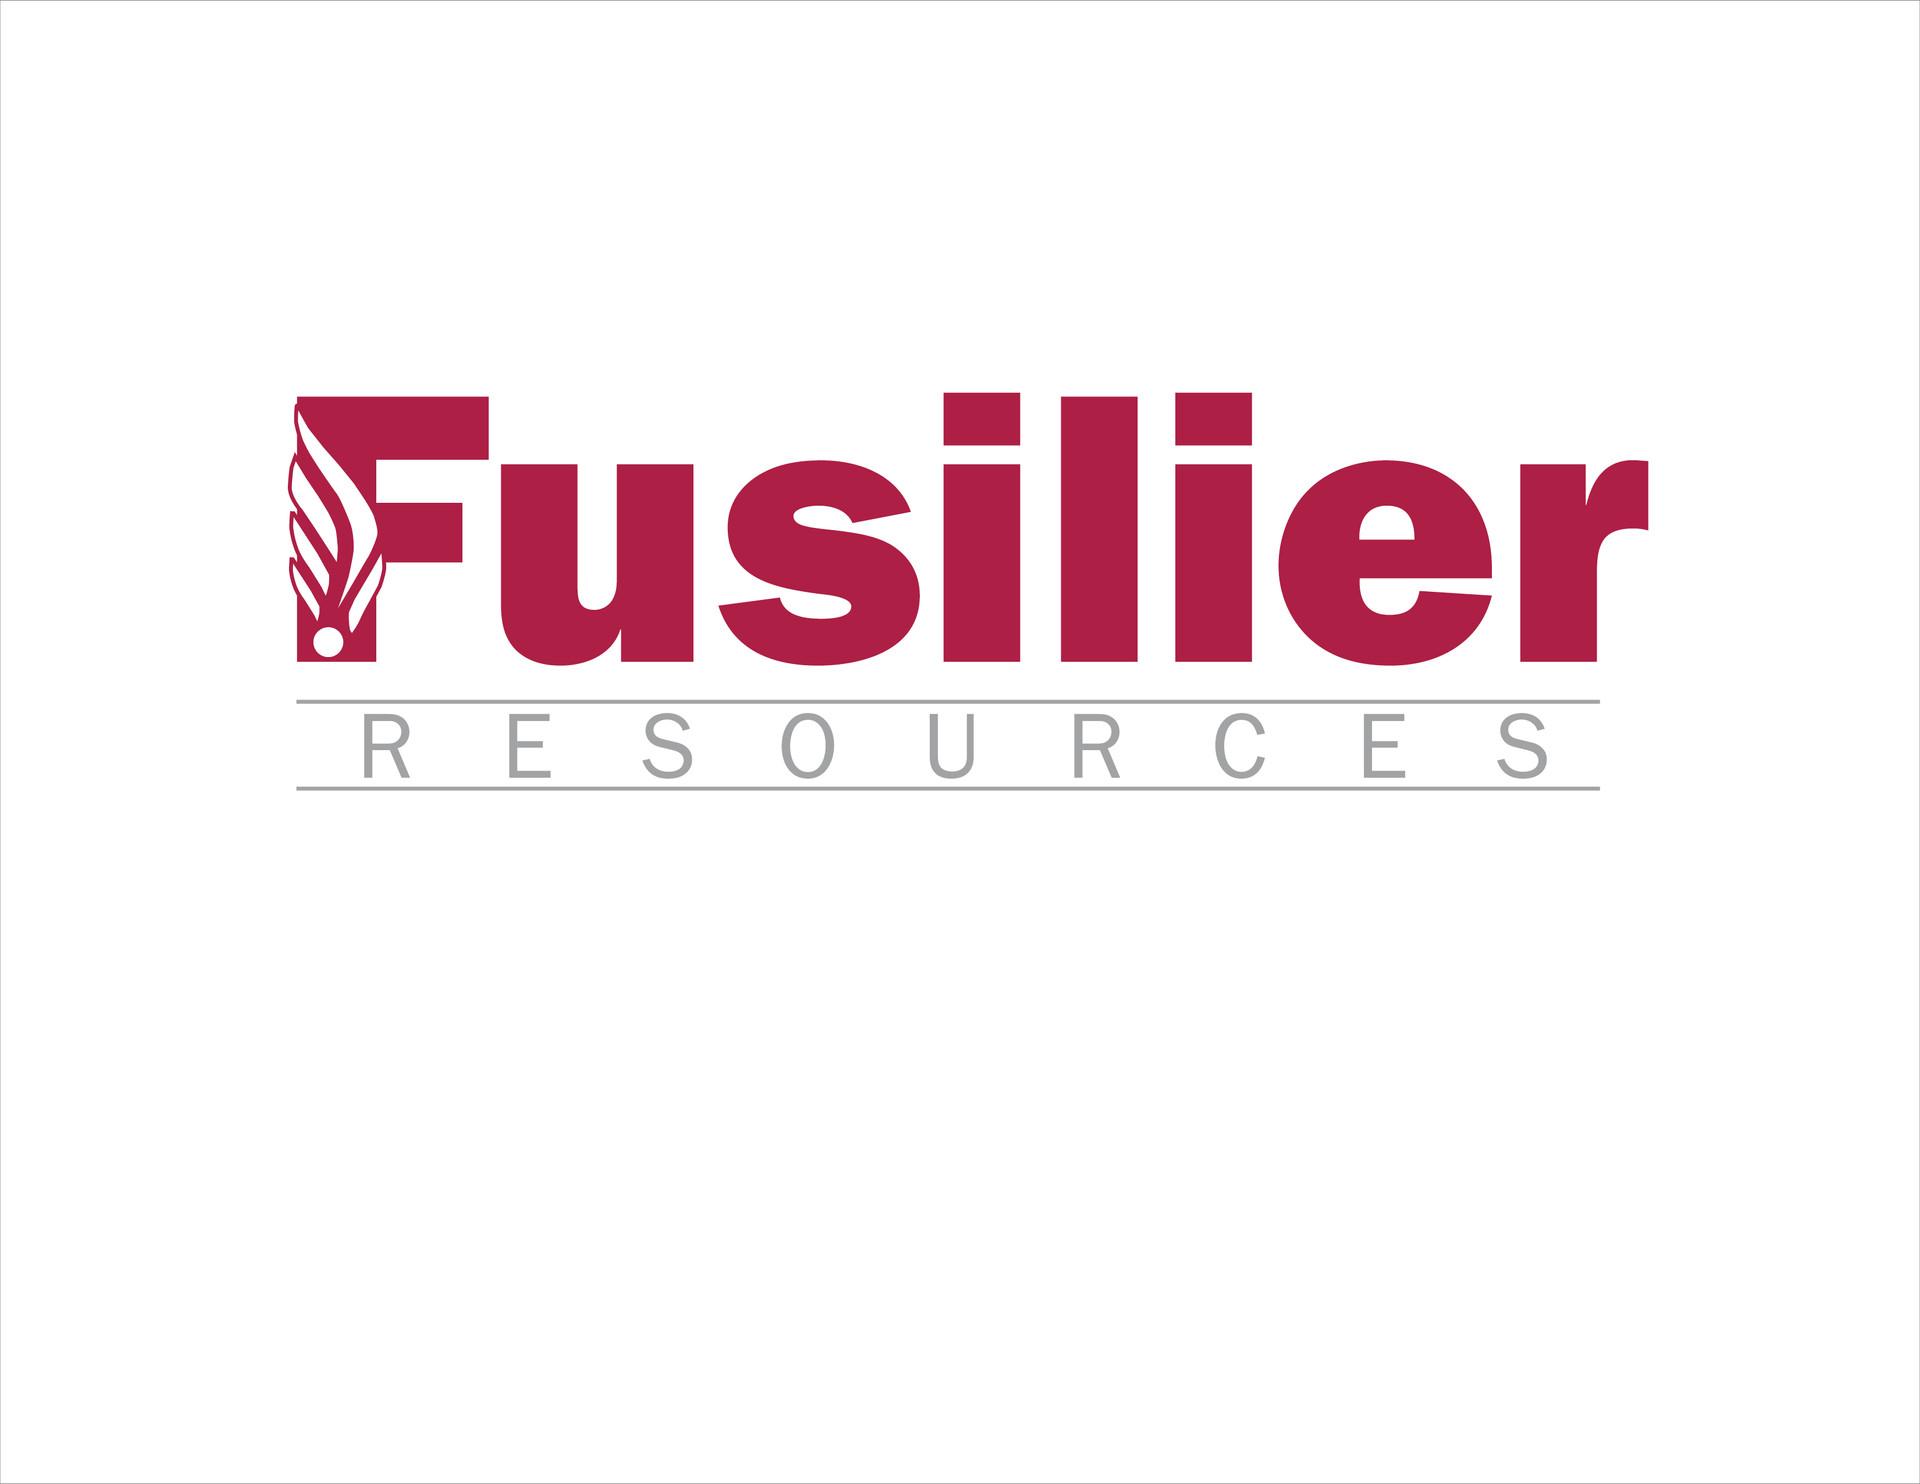 Fusilier design.jpg